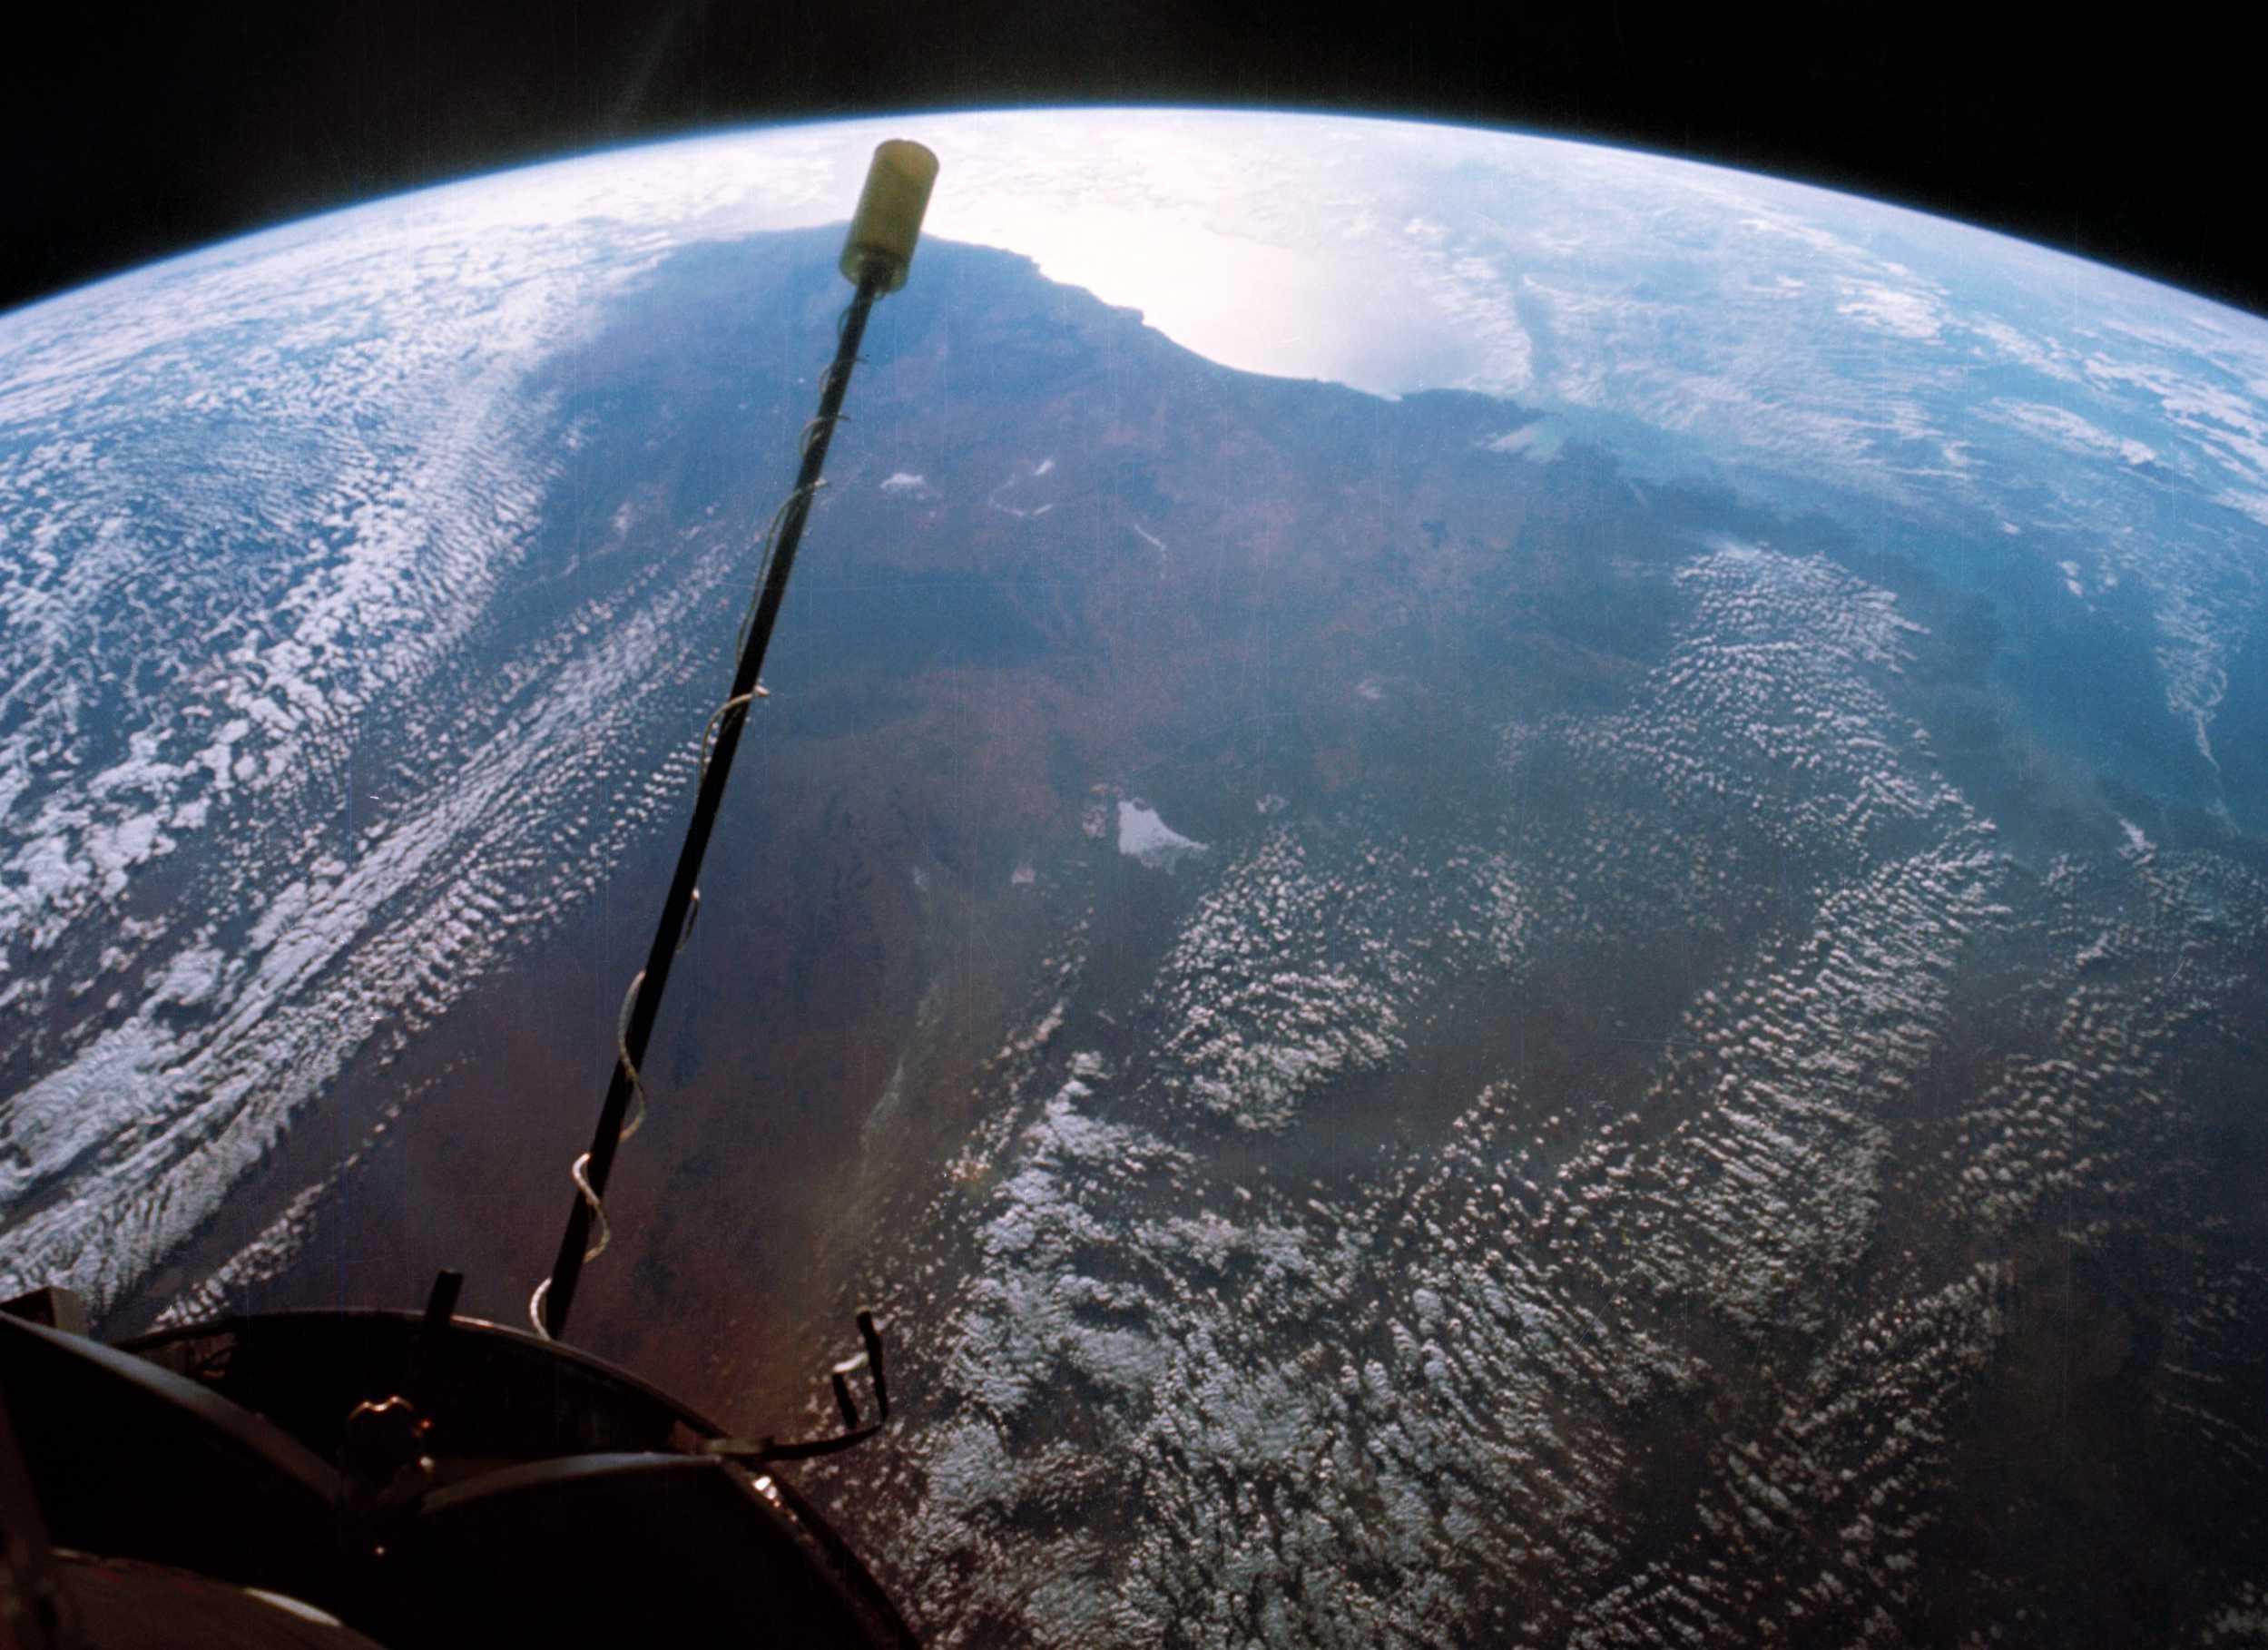 Gemini 11 850 mi apogee Australia 1966 (NASA) 1 crop (c)